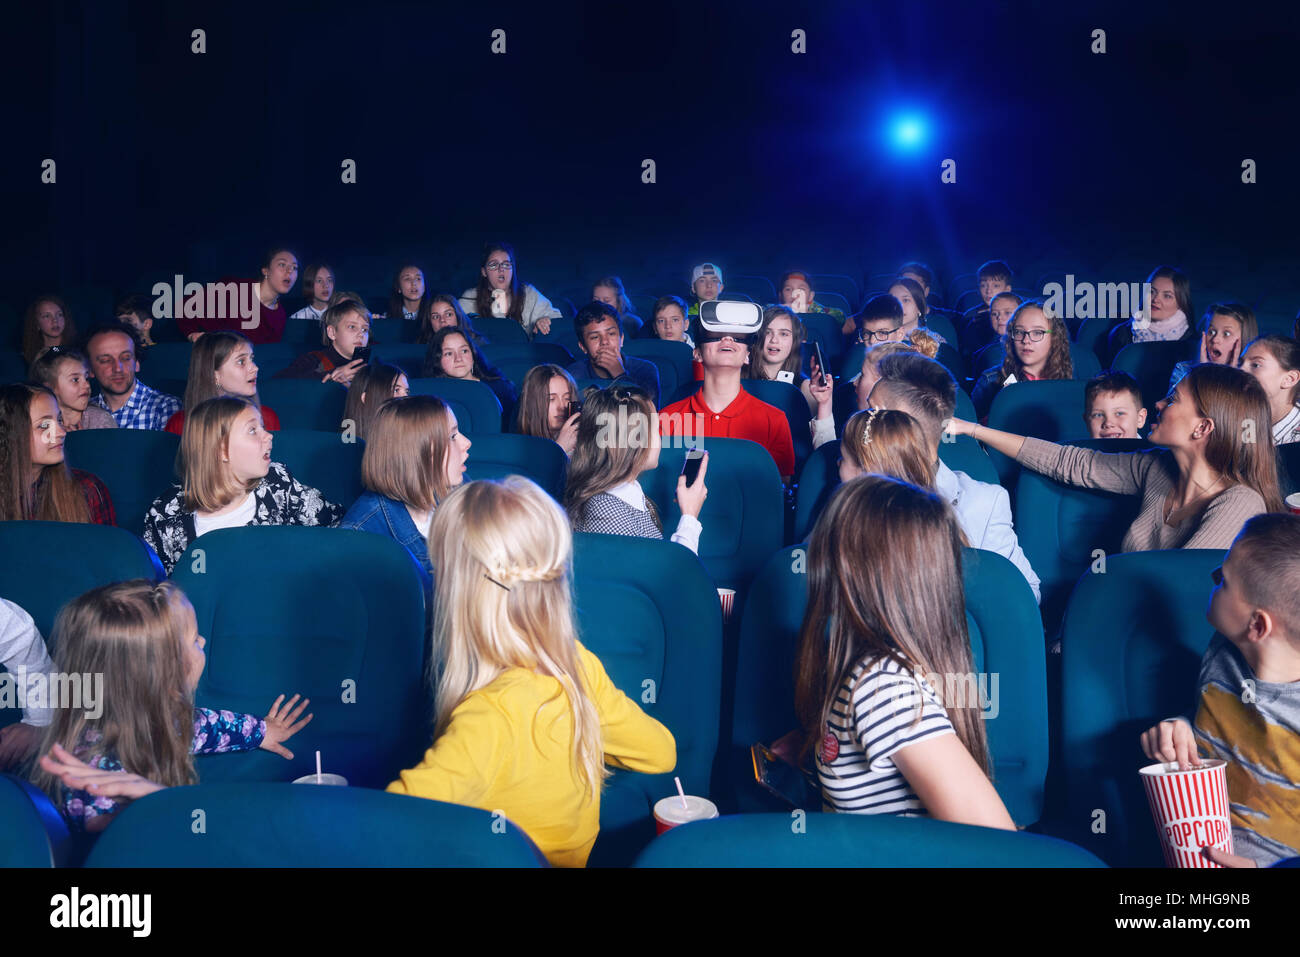 Vista del pubblico la visione di film in movie theater. Ragazzo in bicchieri virtuale seduto in centro. Curiosi che guardano a lui. Proiettore luce sorgente. Concetto di gadget, la cinematografia. Immagini Stock